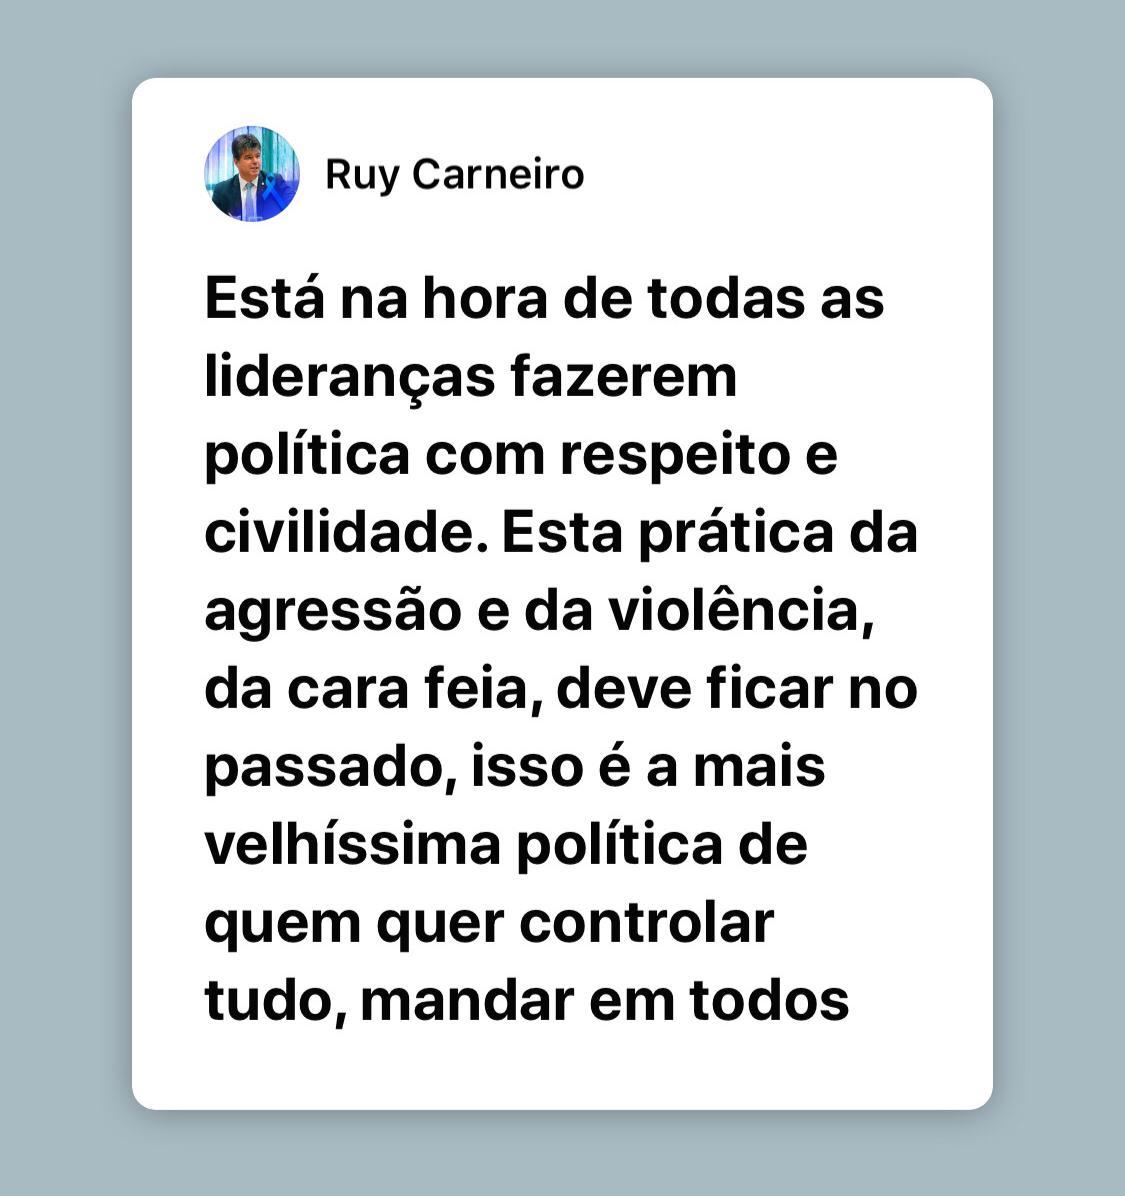 IMG 20191204 WA0043 - 'Esse jogo da velhíssima política não tem mais cabimento', diz Ruy sobre agressões de Ricardo contra João